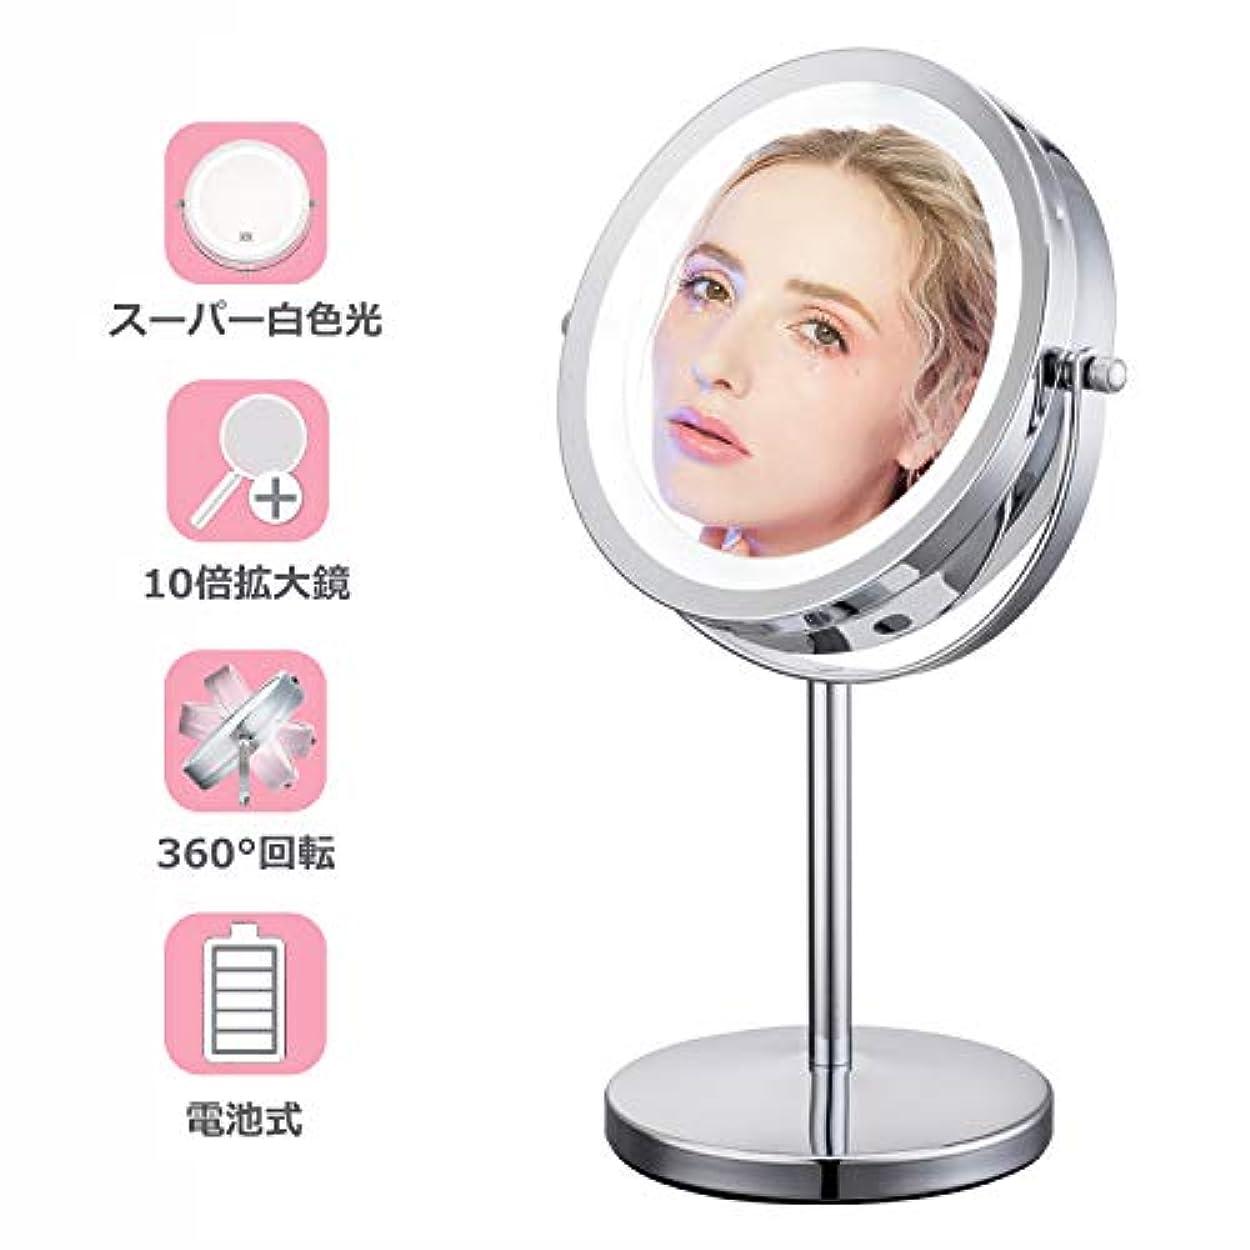 生態学壮大な誰でも10倍拡大鏡 LEDライト付き 真実の両面鏡 360度回転 卓上鏡 スタンドミラー メイク 化粧道具 【Jeking】